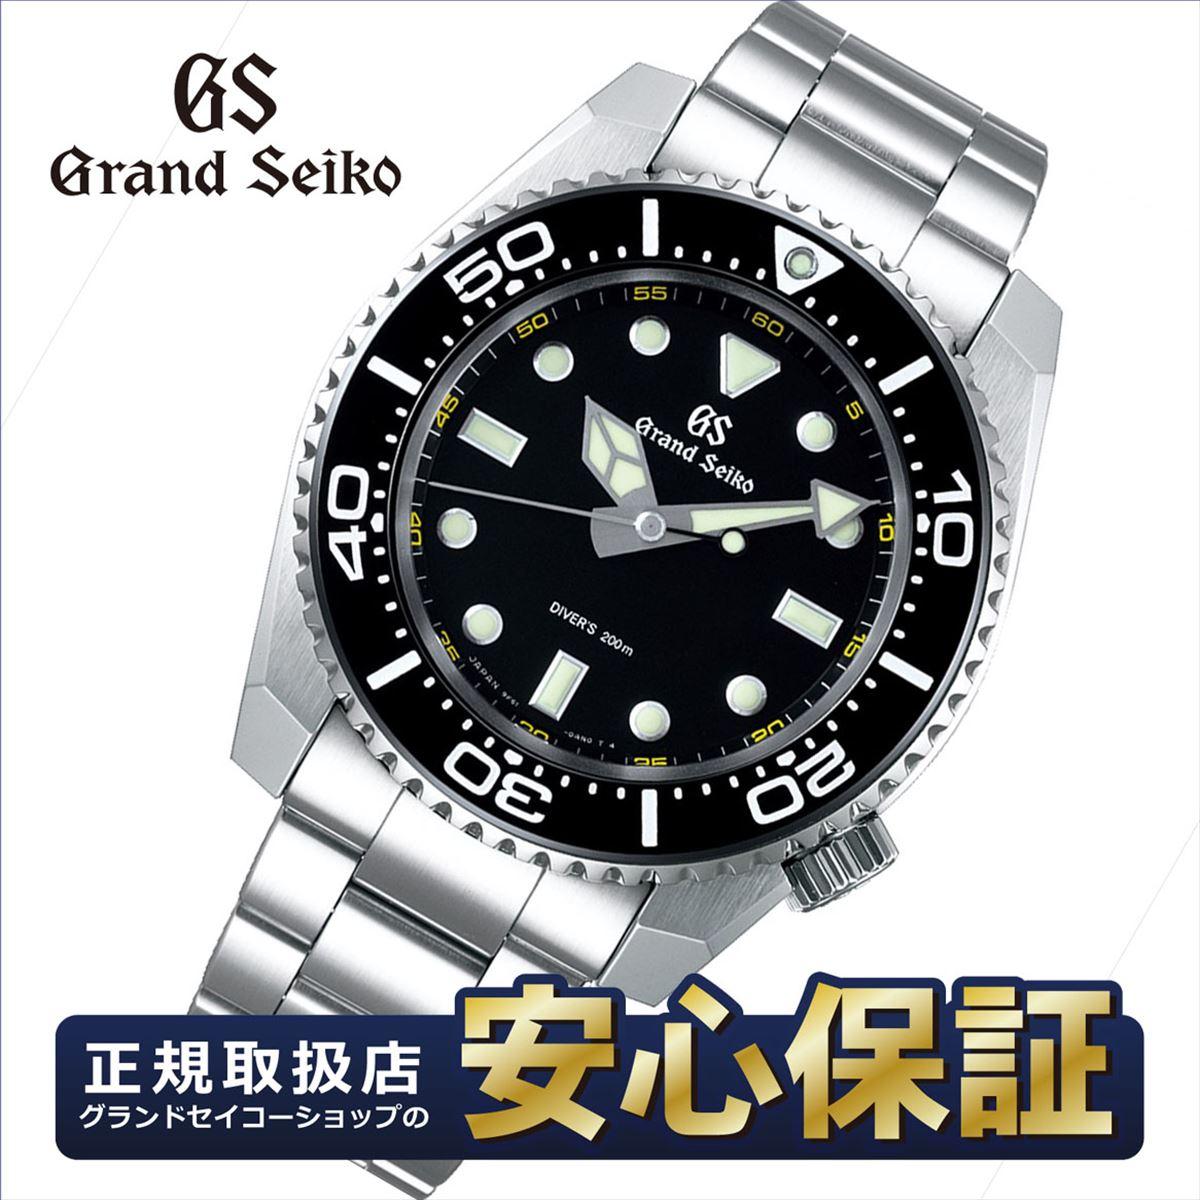 腕時計, メンズ腕時計 10OFF2195930GSSEIKO SBGX335 9F GRAND SEIKO 061910spl